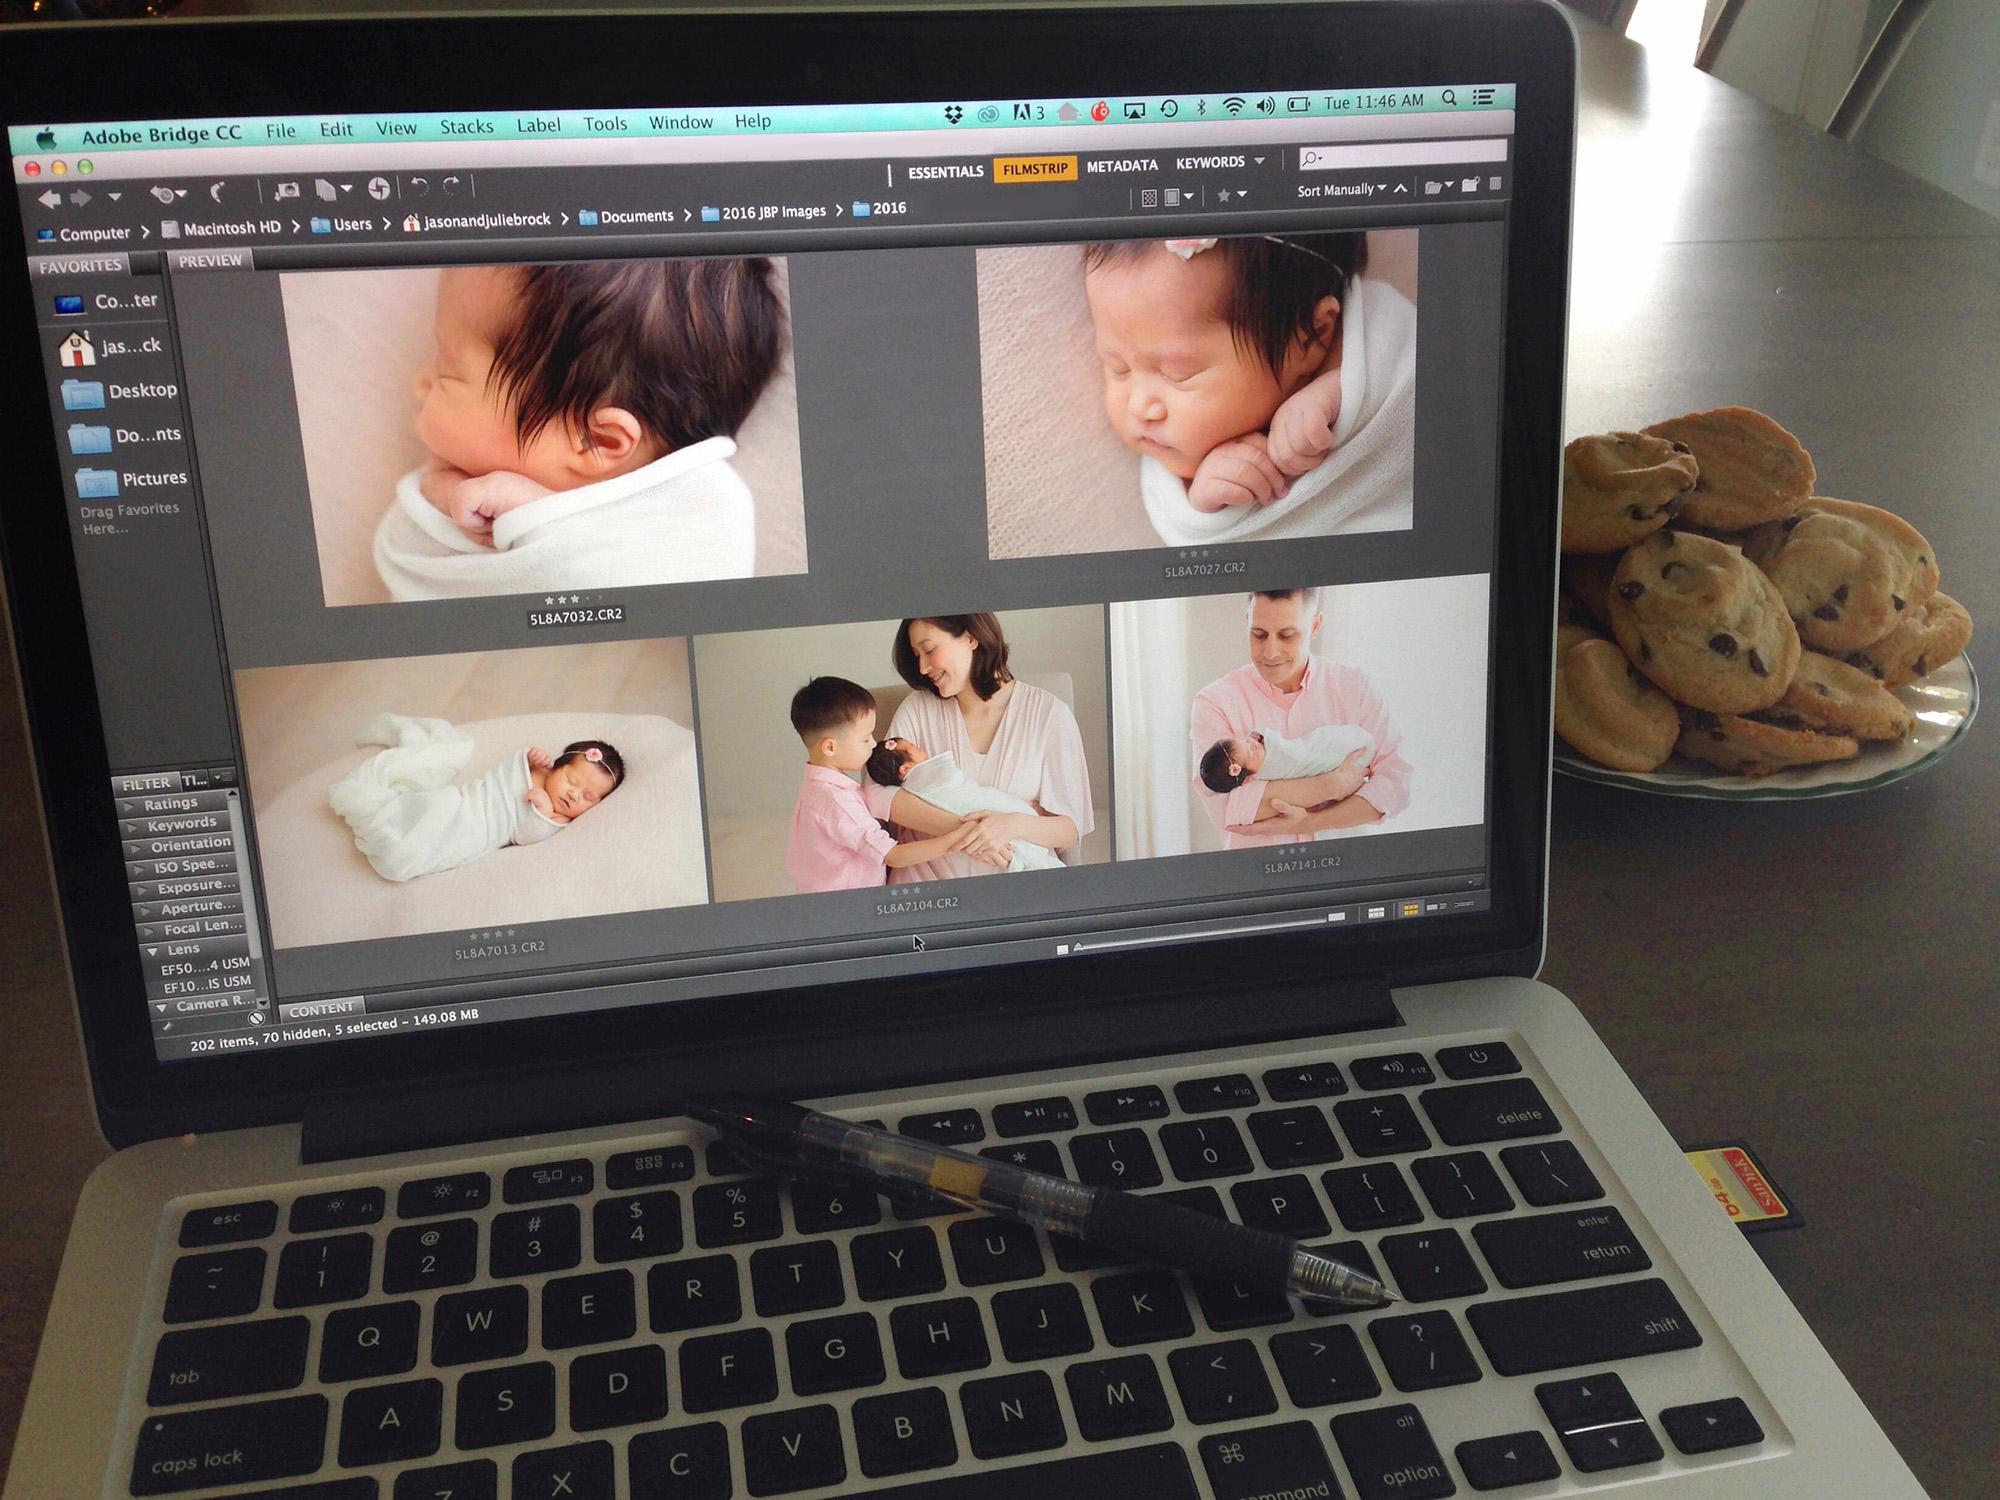 Best Louisville KY Newborn Photographer   Julie Brock Photography   Louisville KY Maternity Photographer   Louisville KY Family Photographer   Louisville KY Photographer   Louisville KY Baby Photographer   newborn photography in studio